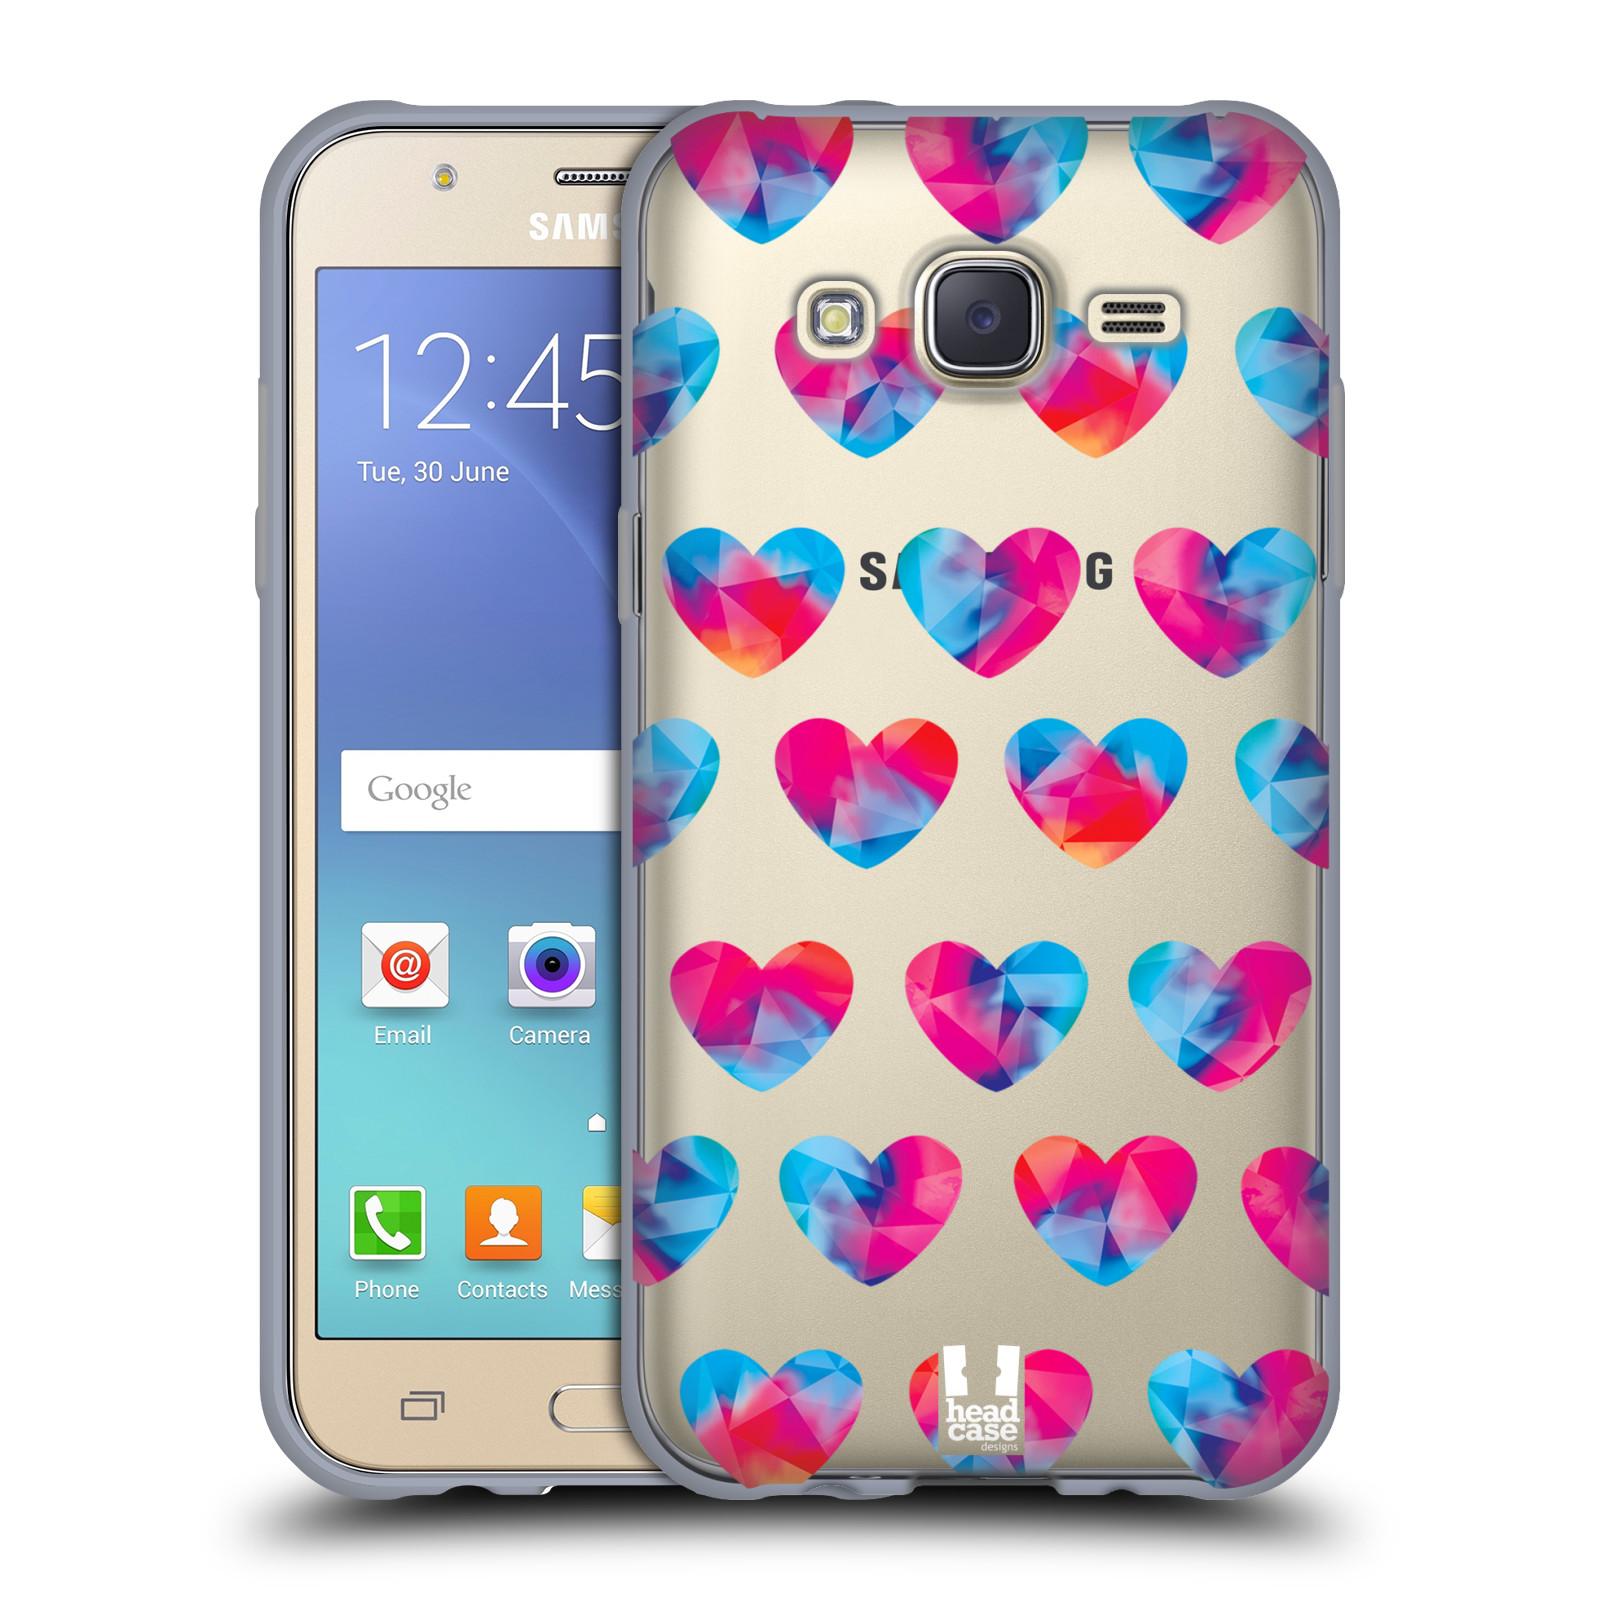 Silikonové pouzdro na mobil Samsung Galaxy J5 - Head Case - Srdíčka hrající barvami